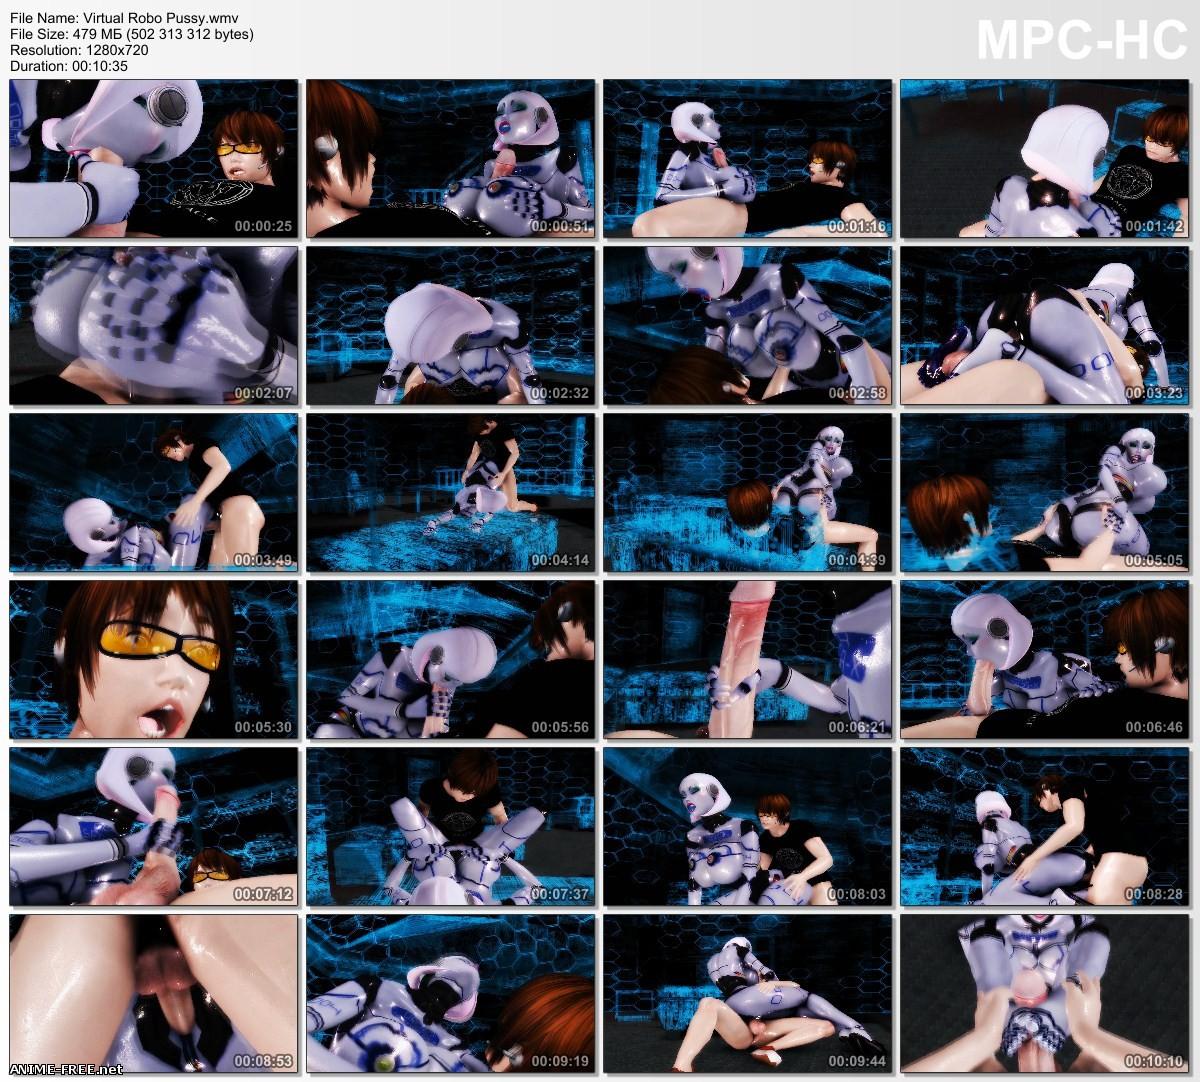 Virtual Robo Pussy (Xalas Studios) [2015] [Uncen] [3D] [ENG] Anime Hentai